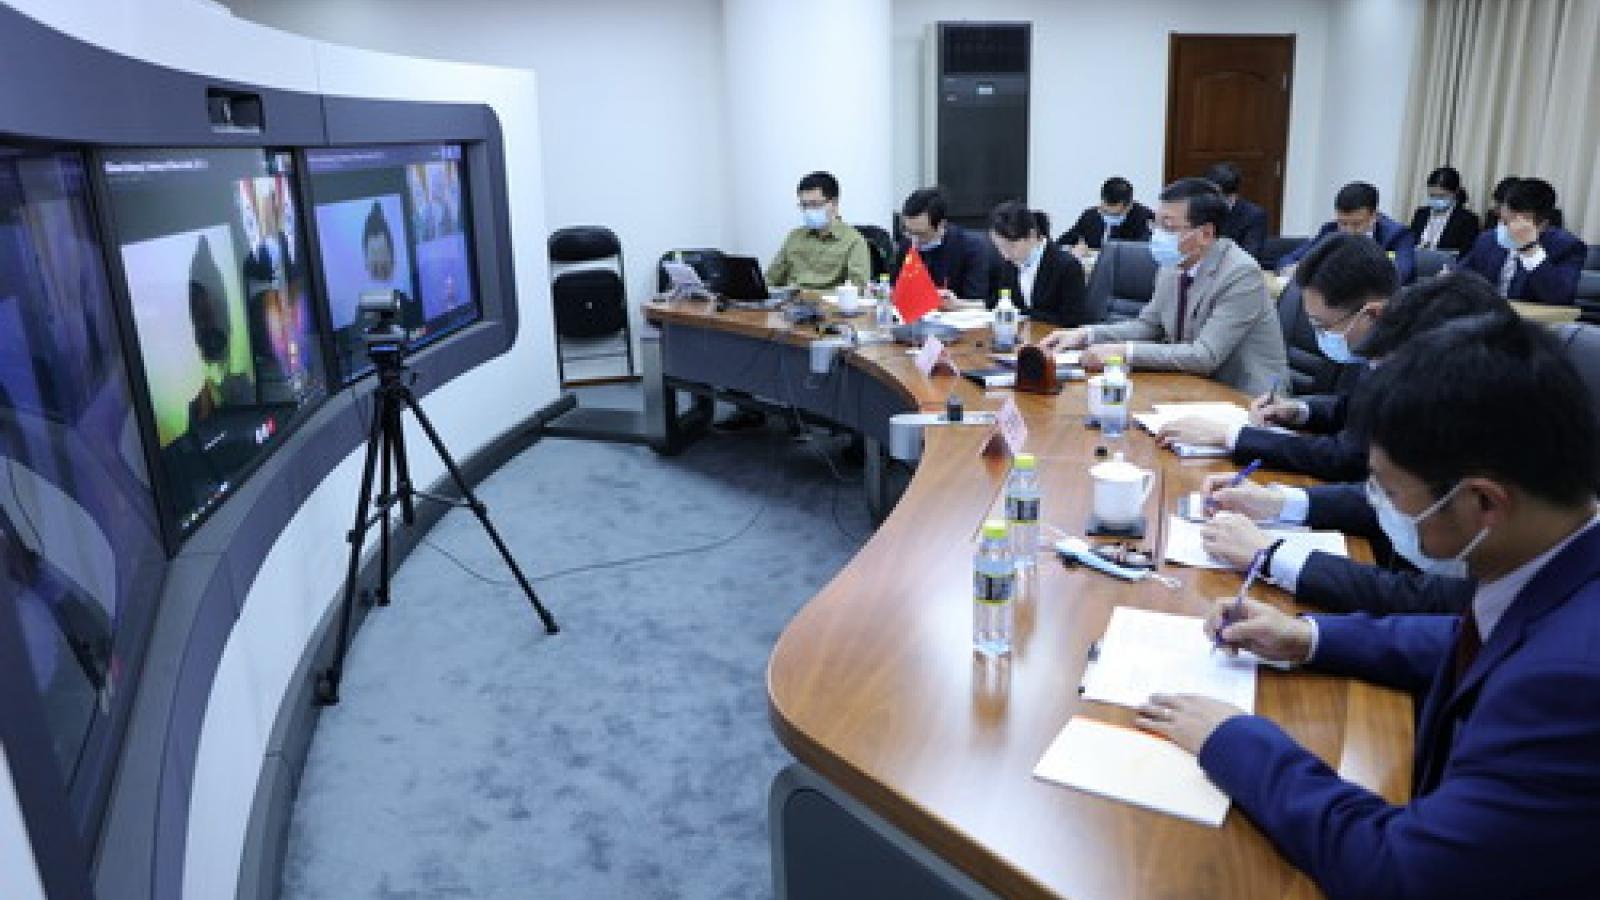 Trung Quốc - Ấn Độ sẽ sớm tổ chức vòng đàm phán mới cấp Tư lệnh Quân đoàn